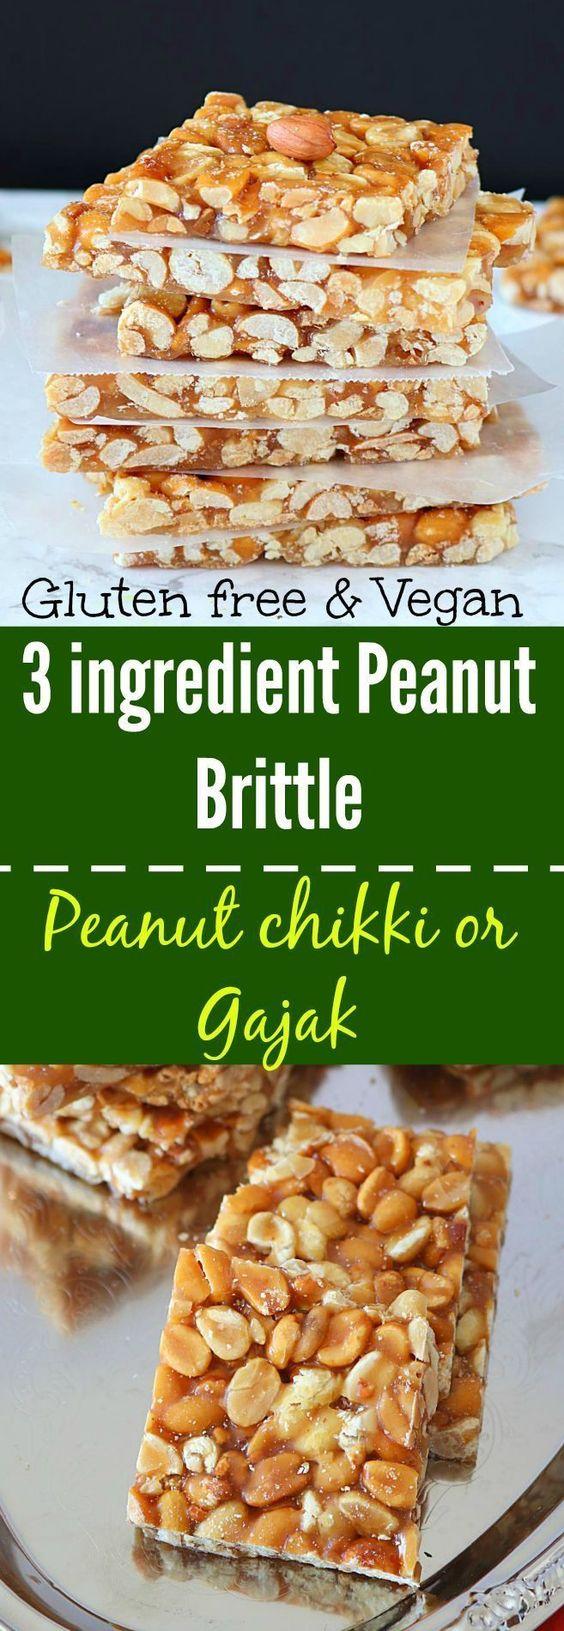 Peanut Chikki or Peanut Brittle - Ruchiskitchen